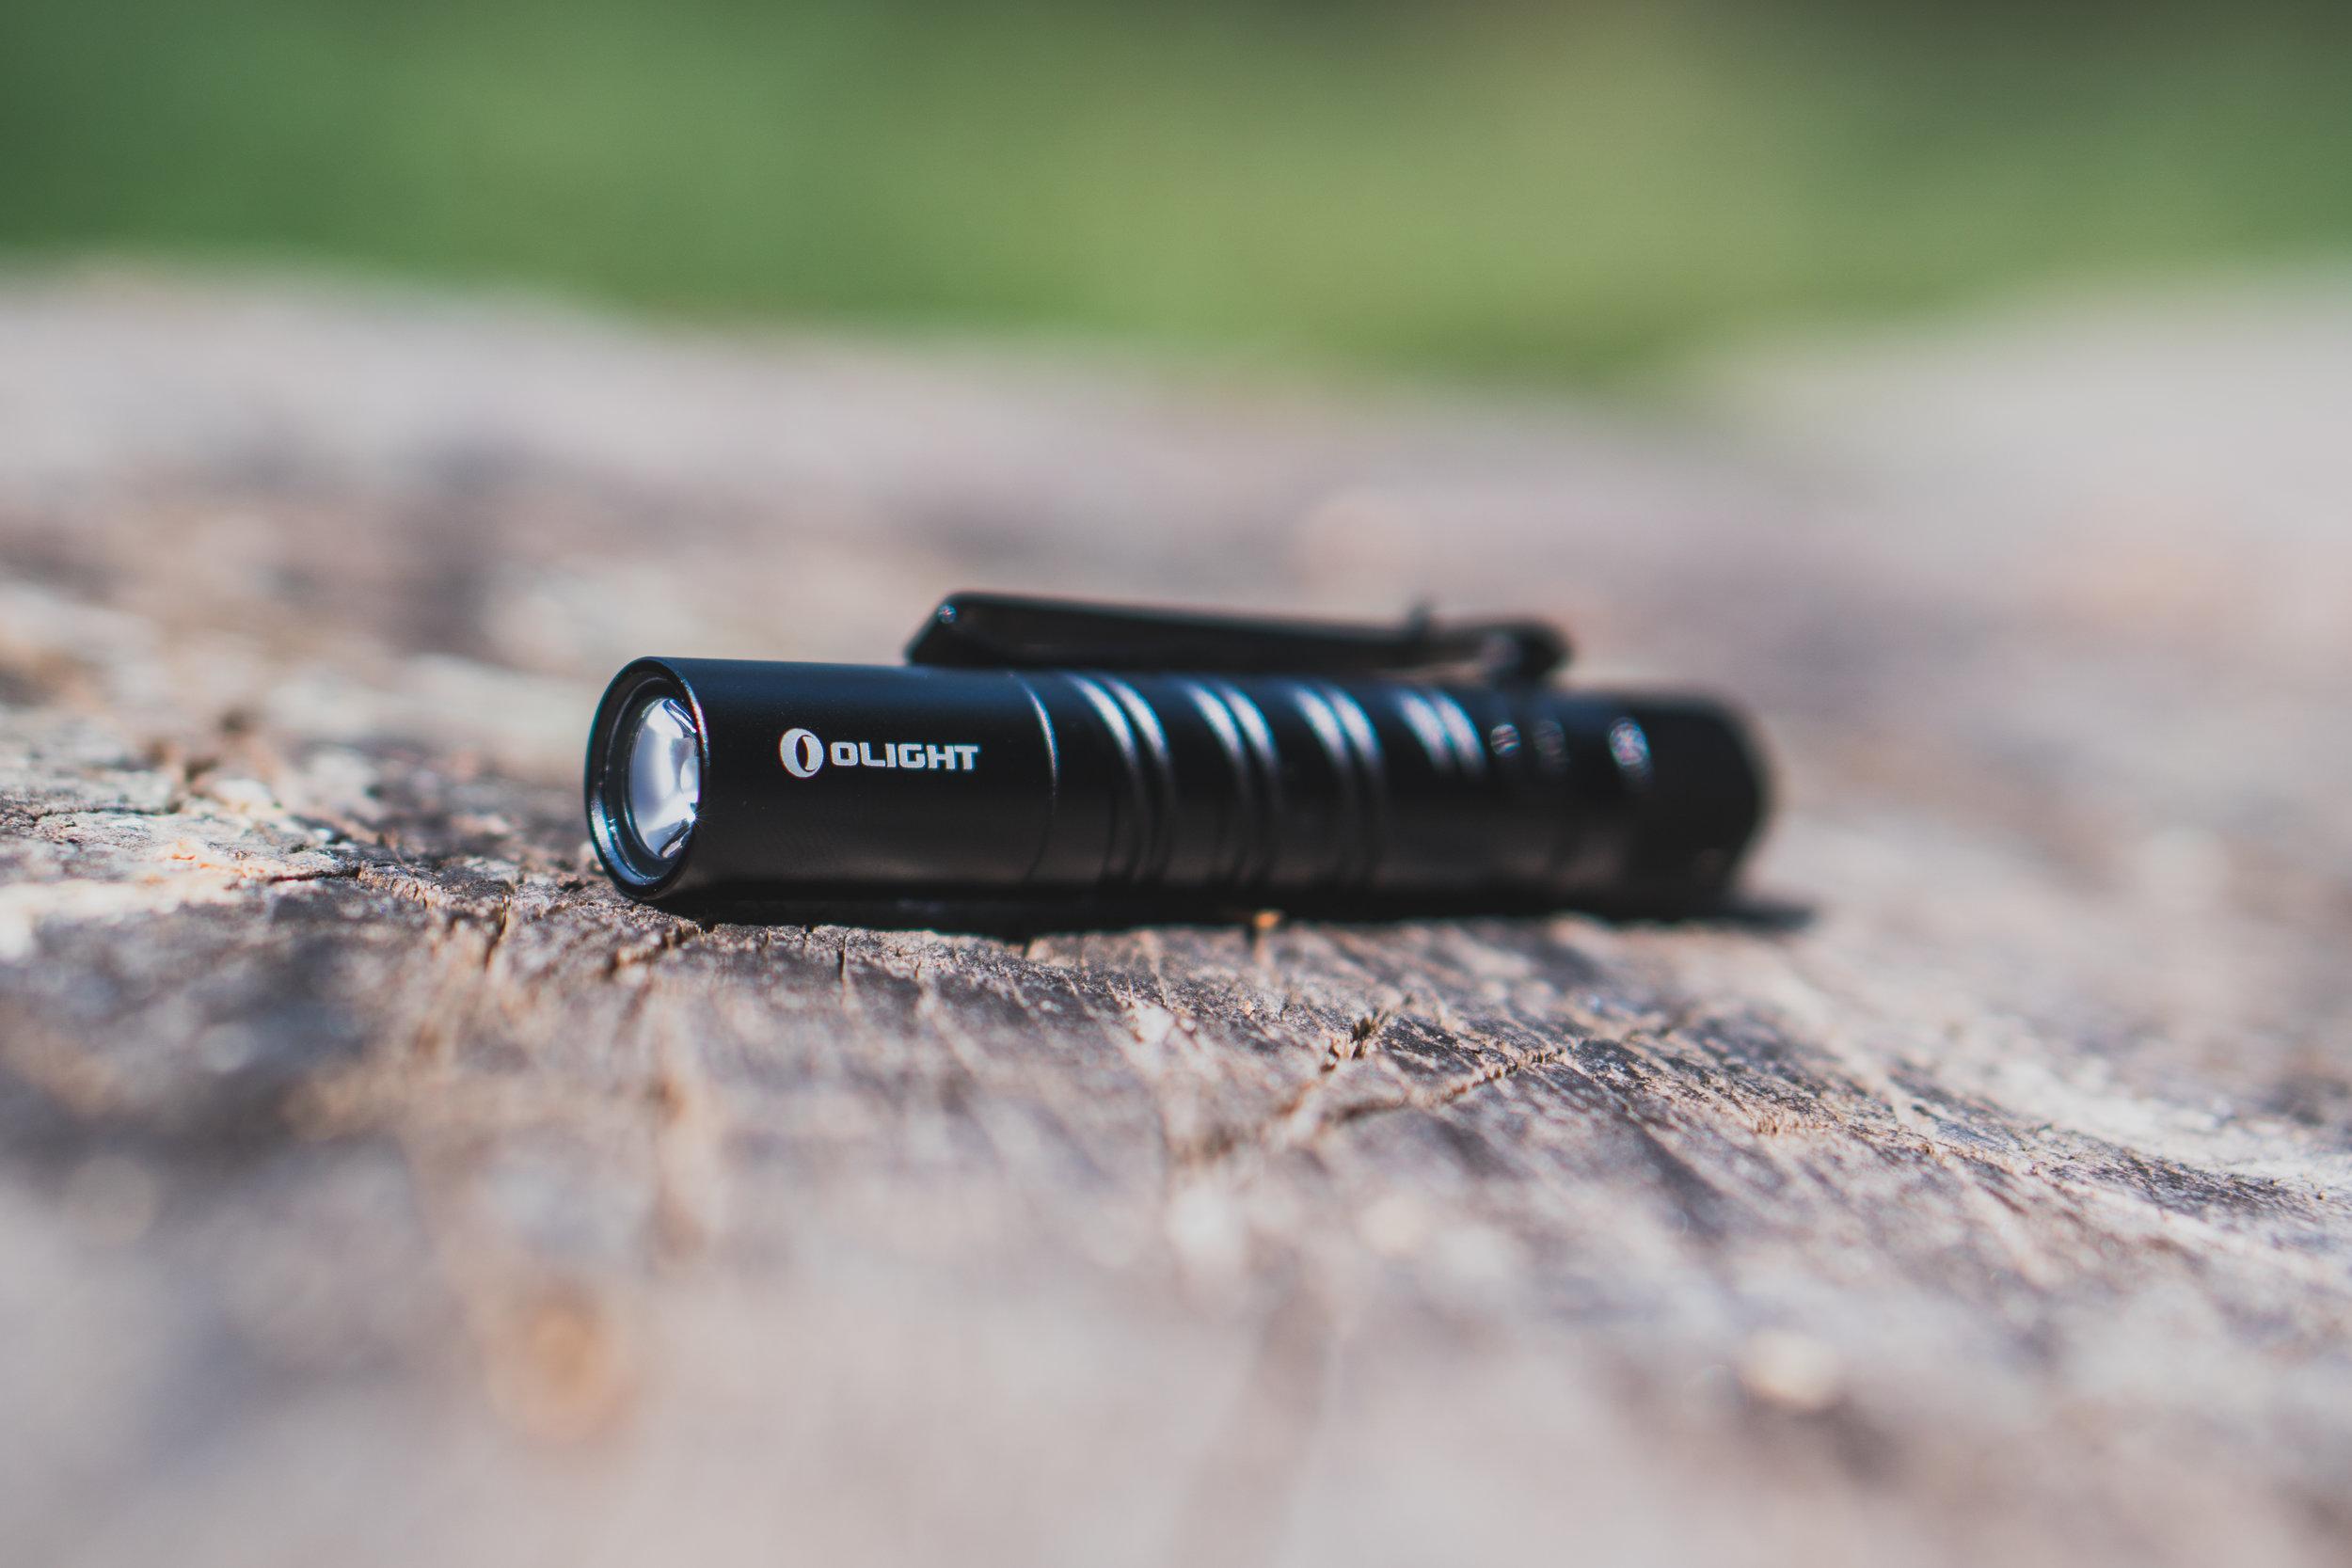 Olight I3T EOS Flashlight | $20